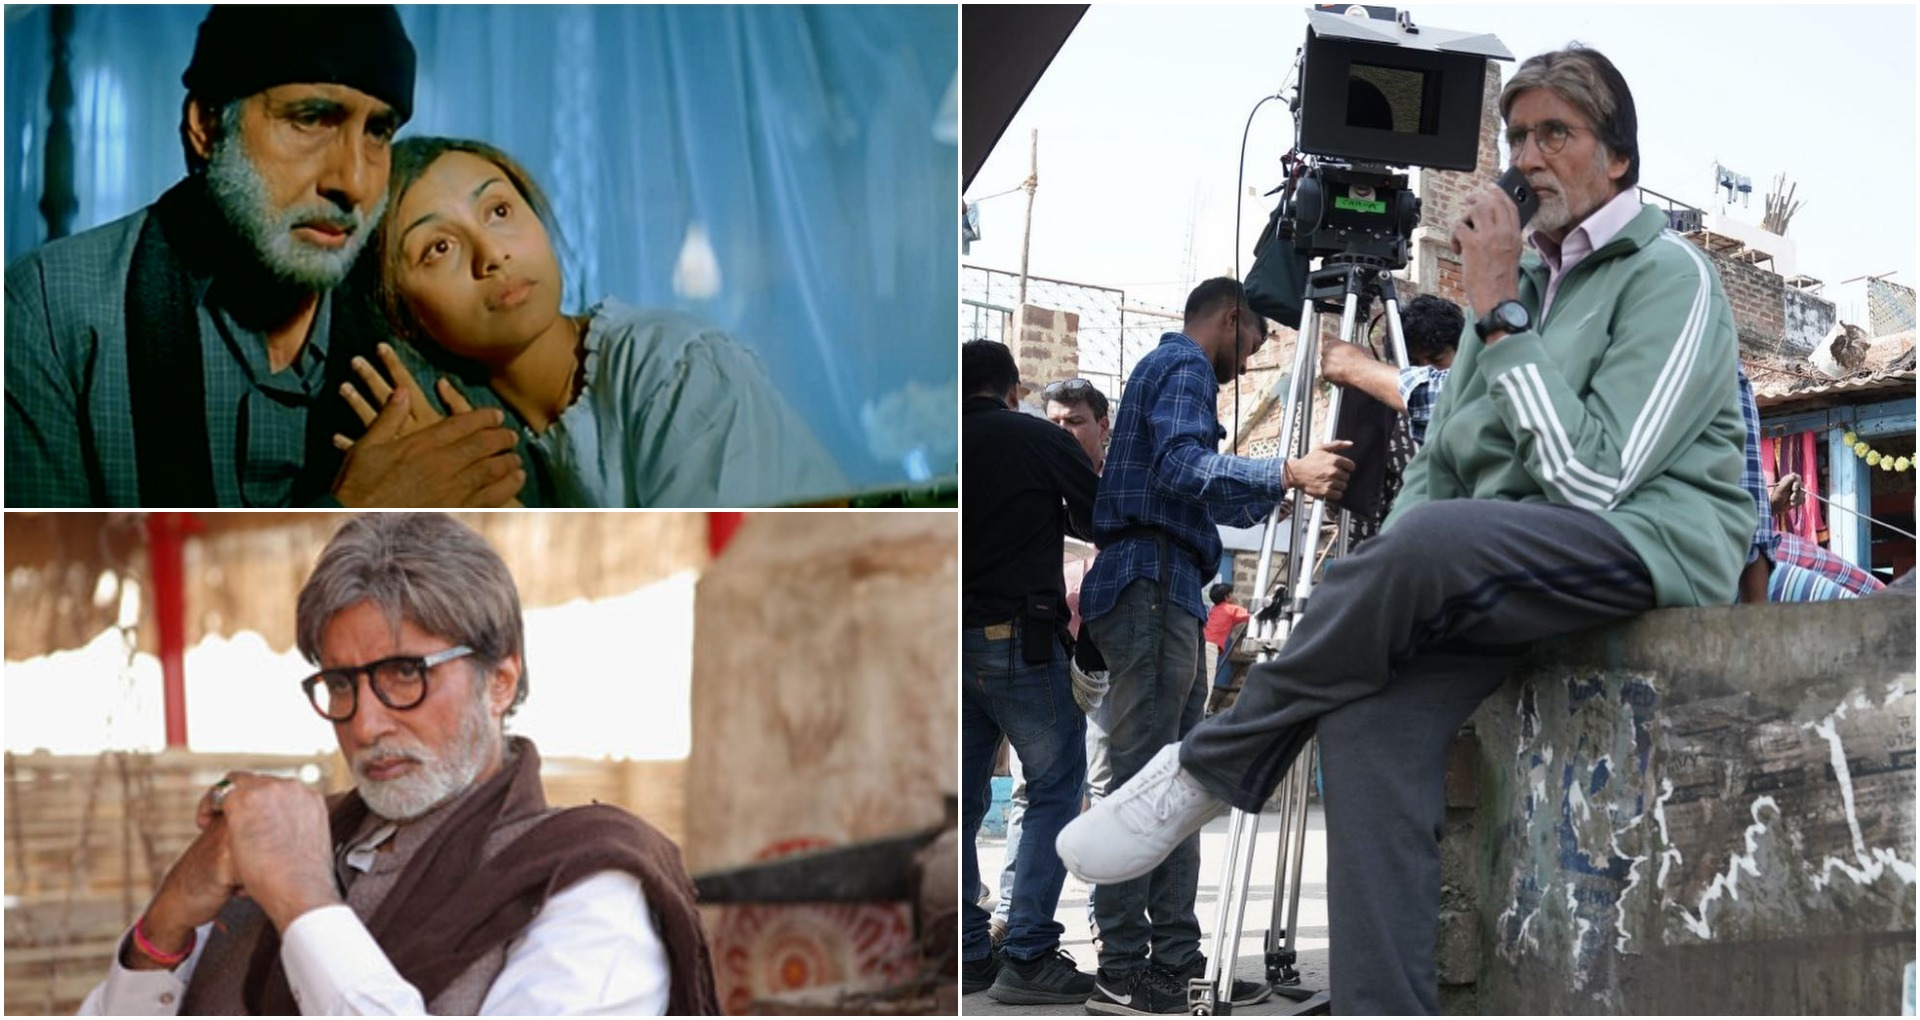 झुंड ही नहीं इन 6फिल्मों में भी महानायक अमिताभ बच्चन ने निभाया टीचरका किरदार, सारी मूवी हुईं सुपरहिट